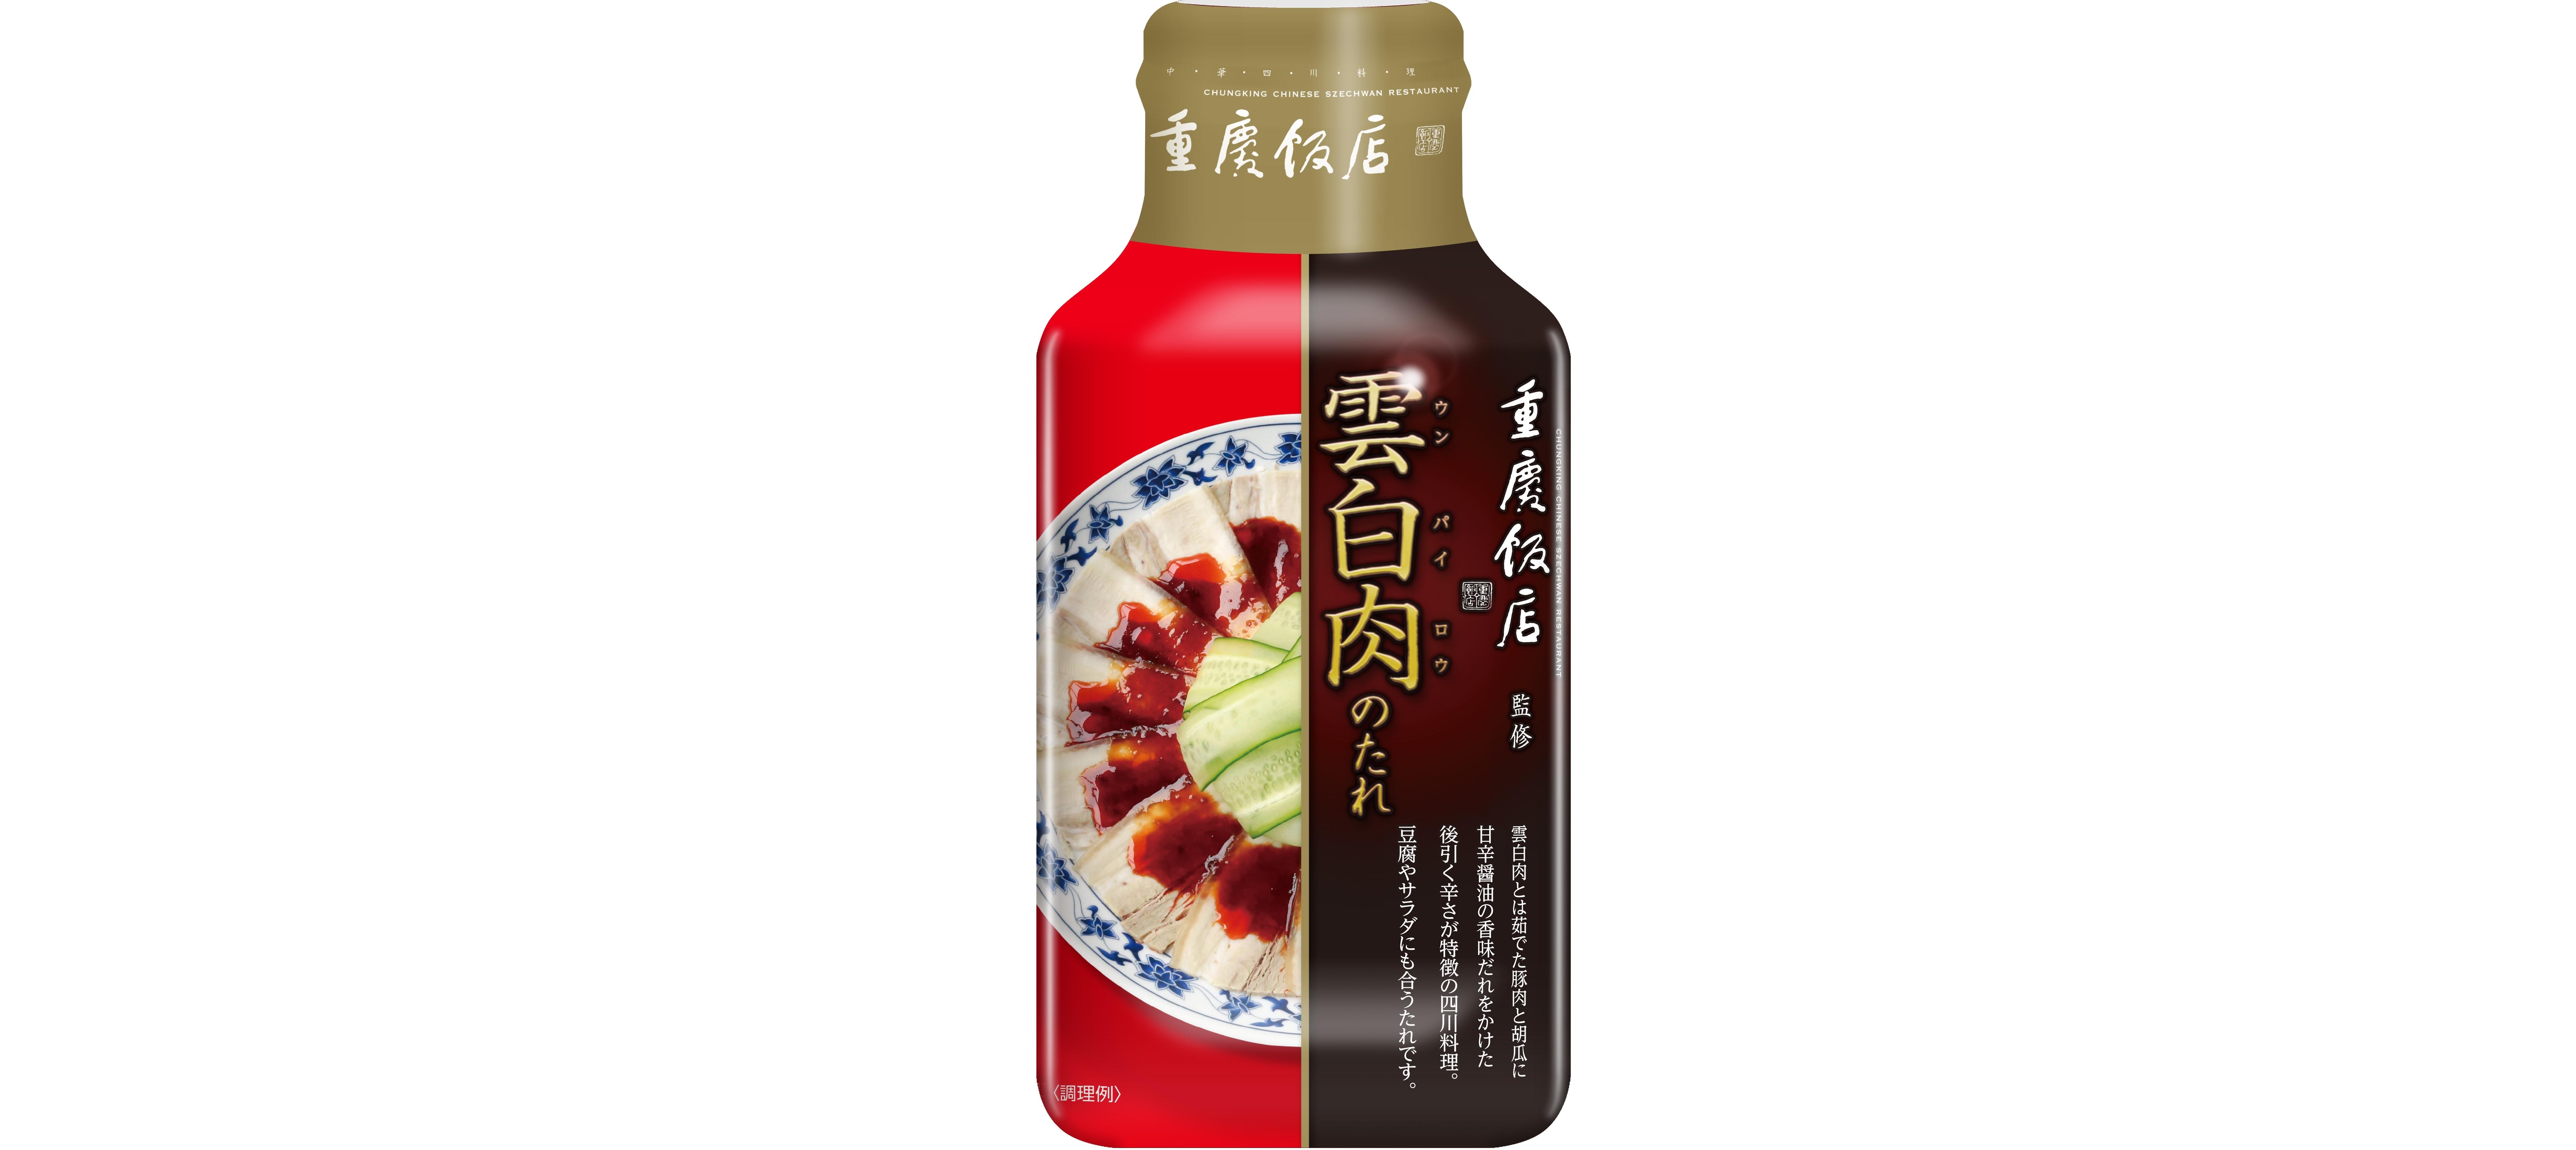 横浜中華街 四川料理の名店である重慶飯店監修 雲白肉(ウンパイロウ)のたれを3月1日に発売 画像